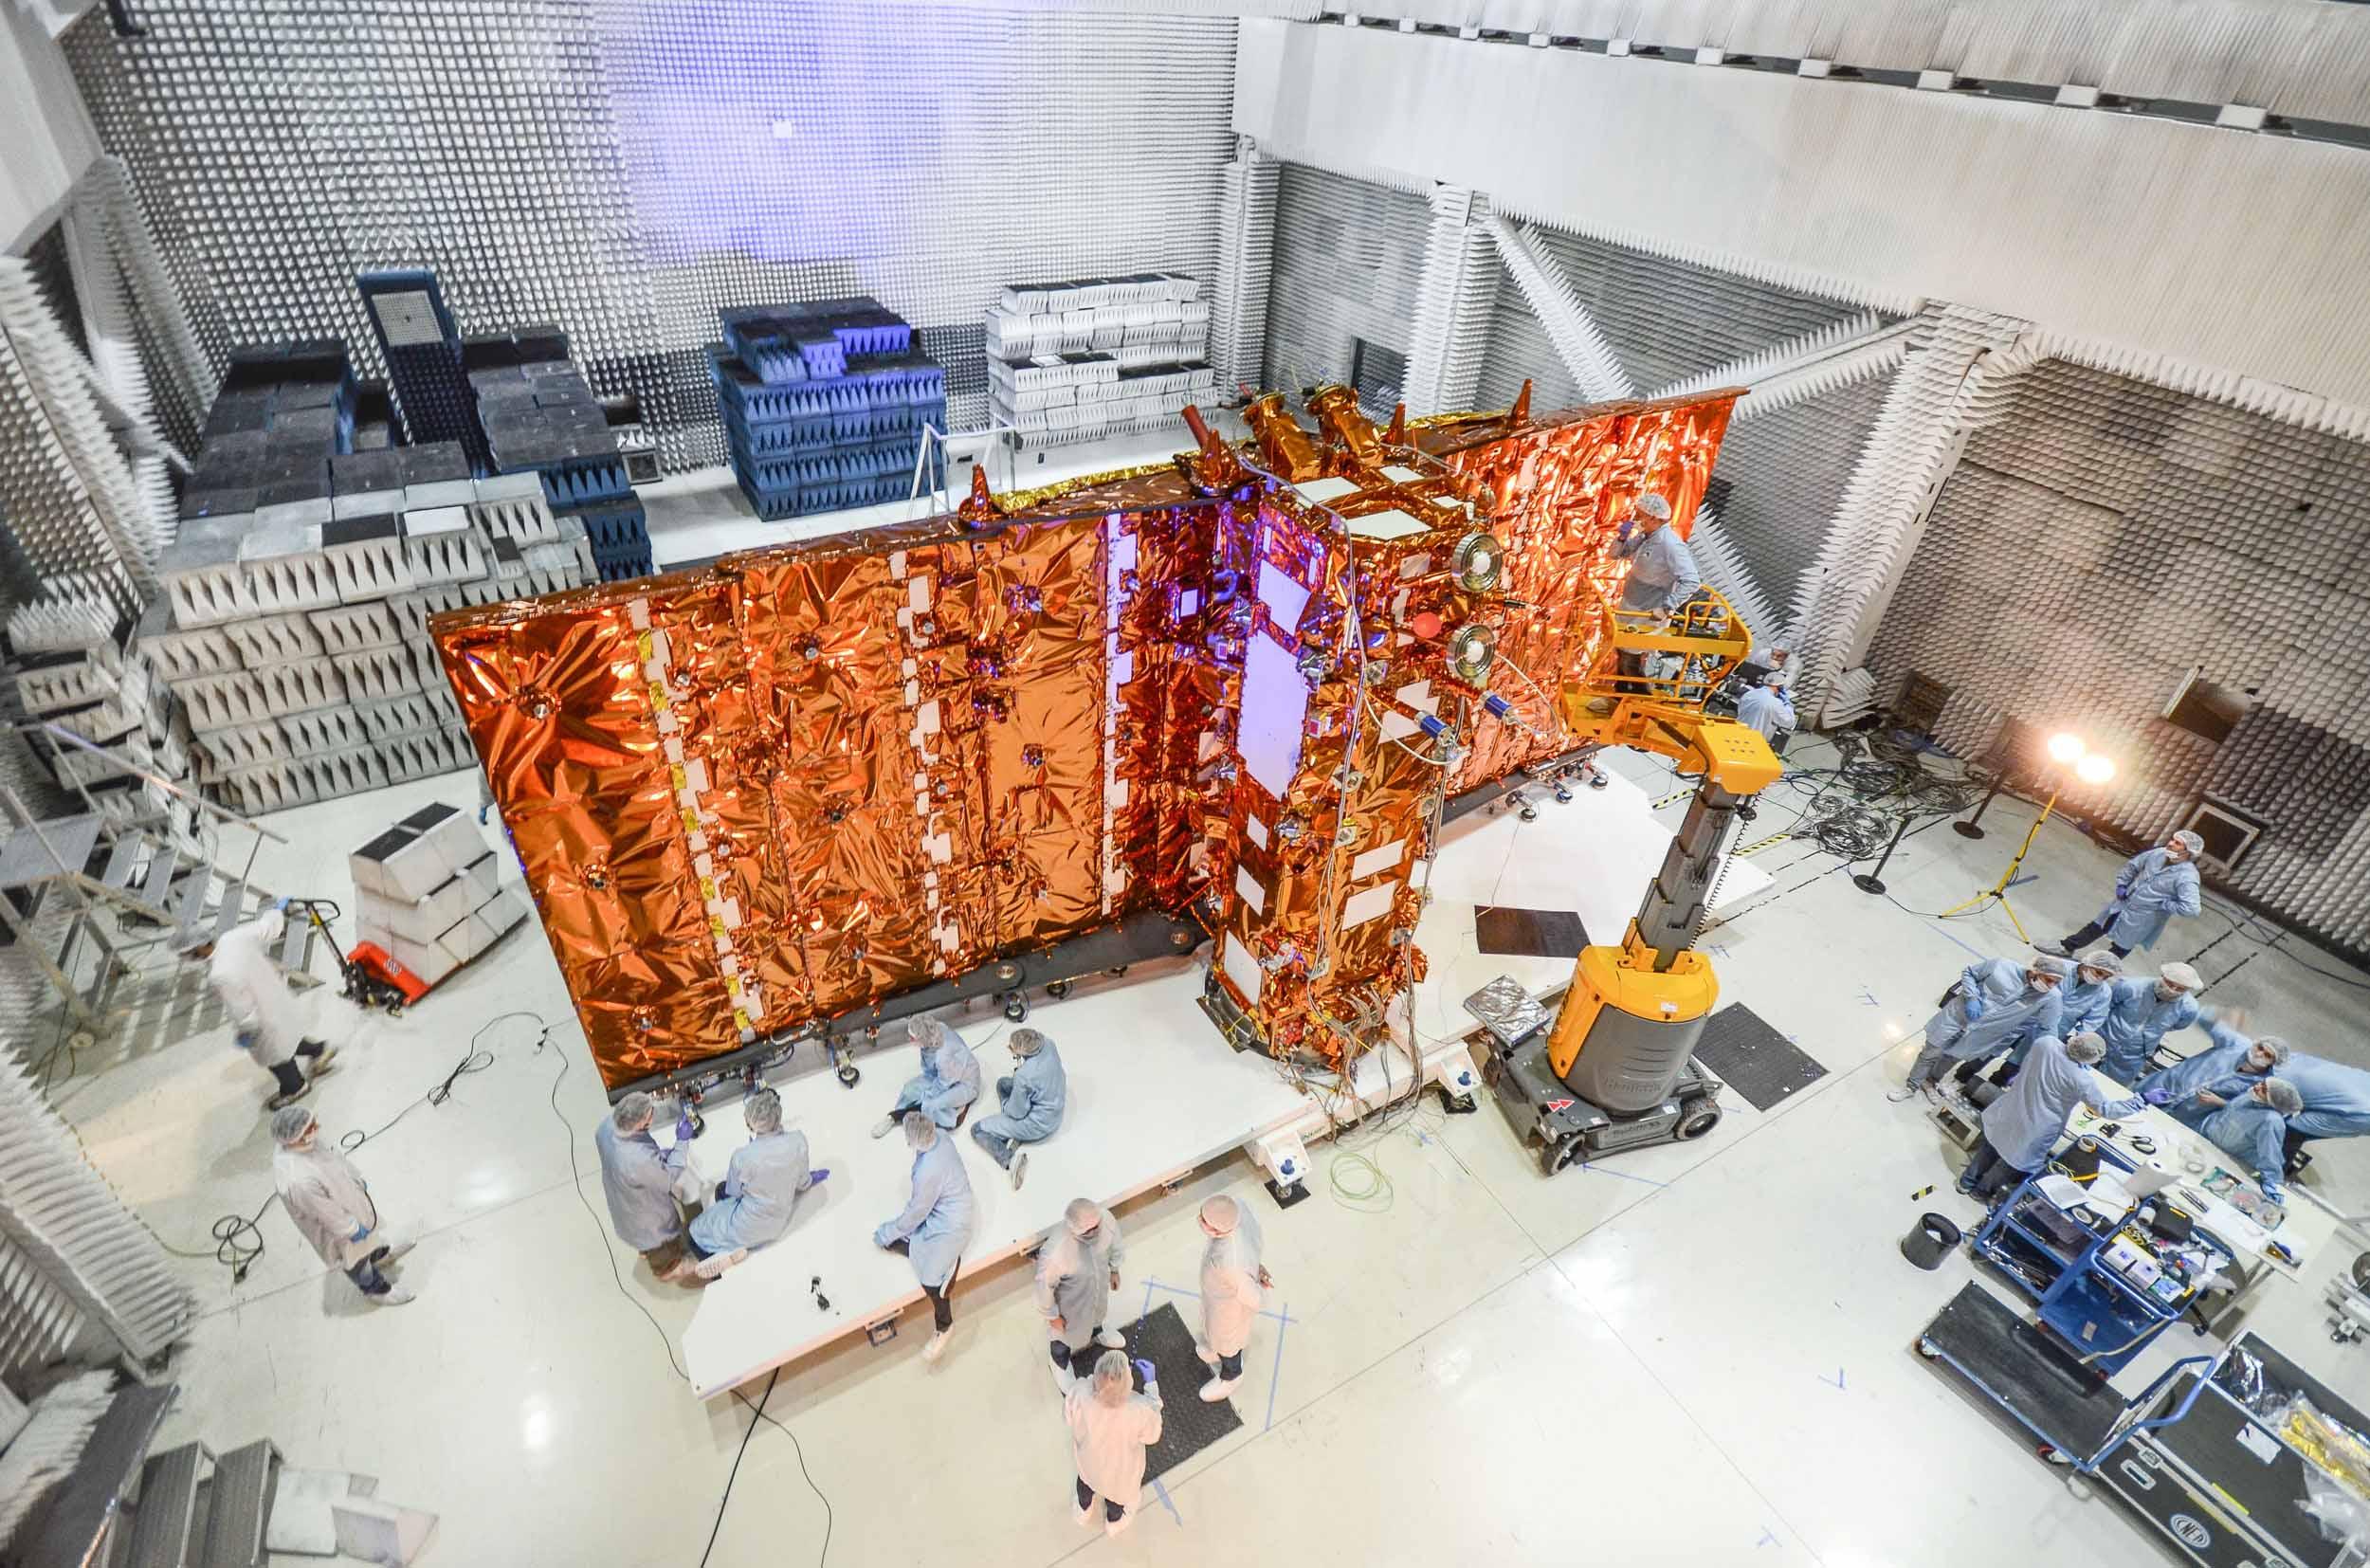 Las actividades espaciales y satelitales están incluidas en la promoción de la economía del conocimiento